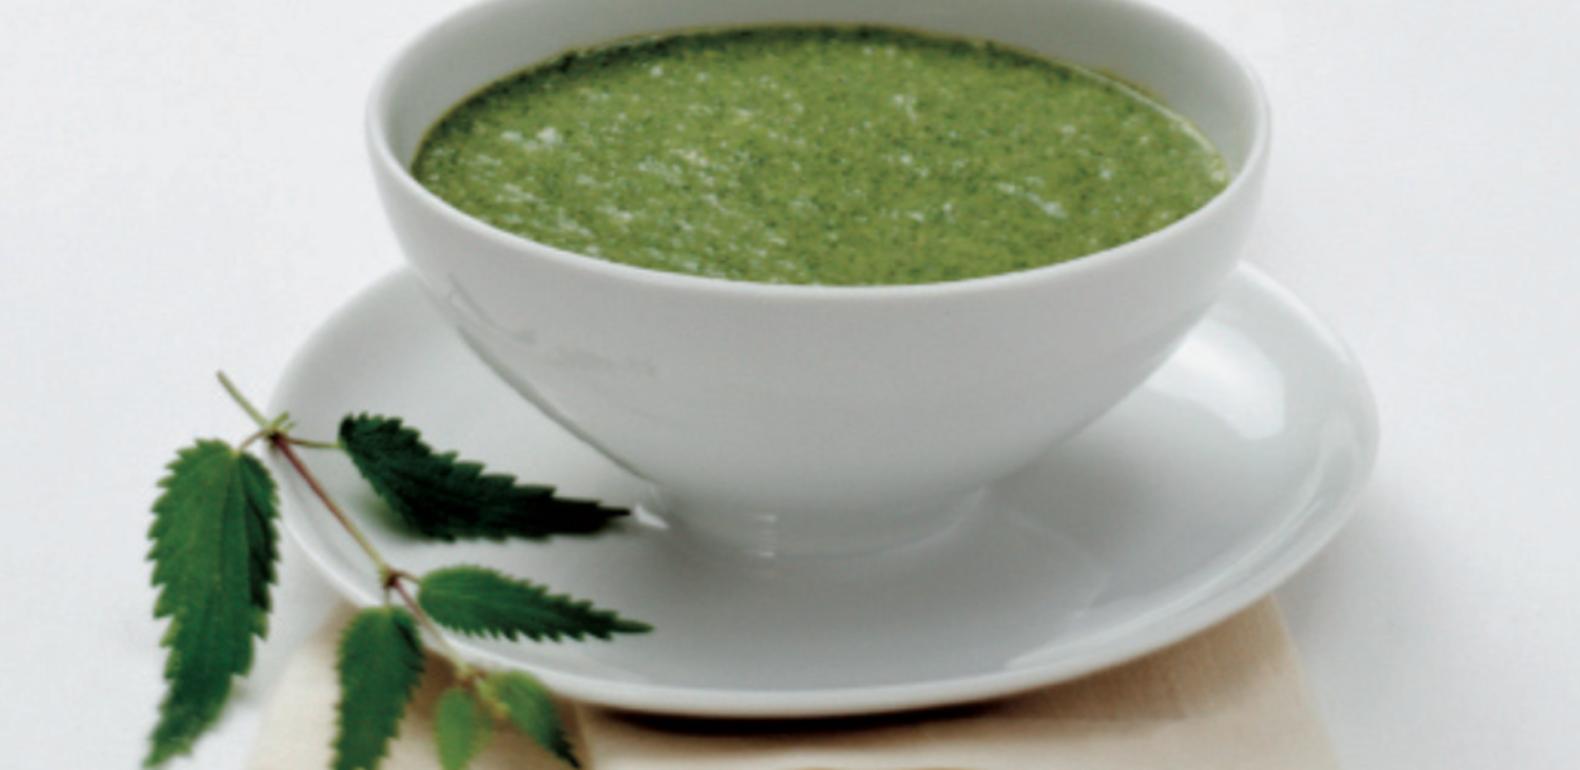 Soupe archives a vogel - Quelles orties pour la soupe ...